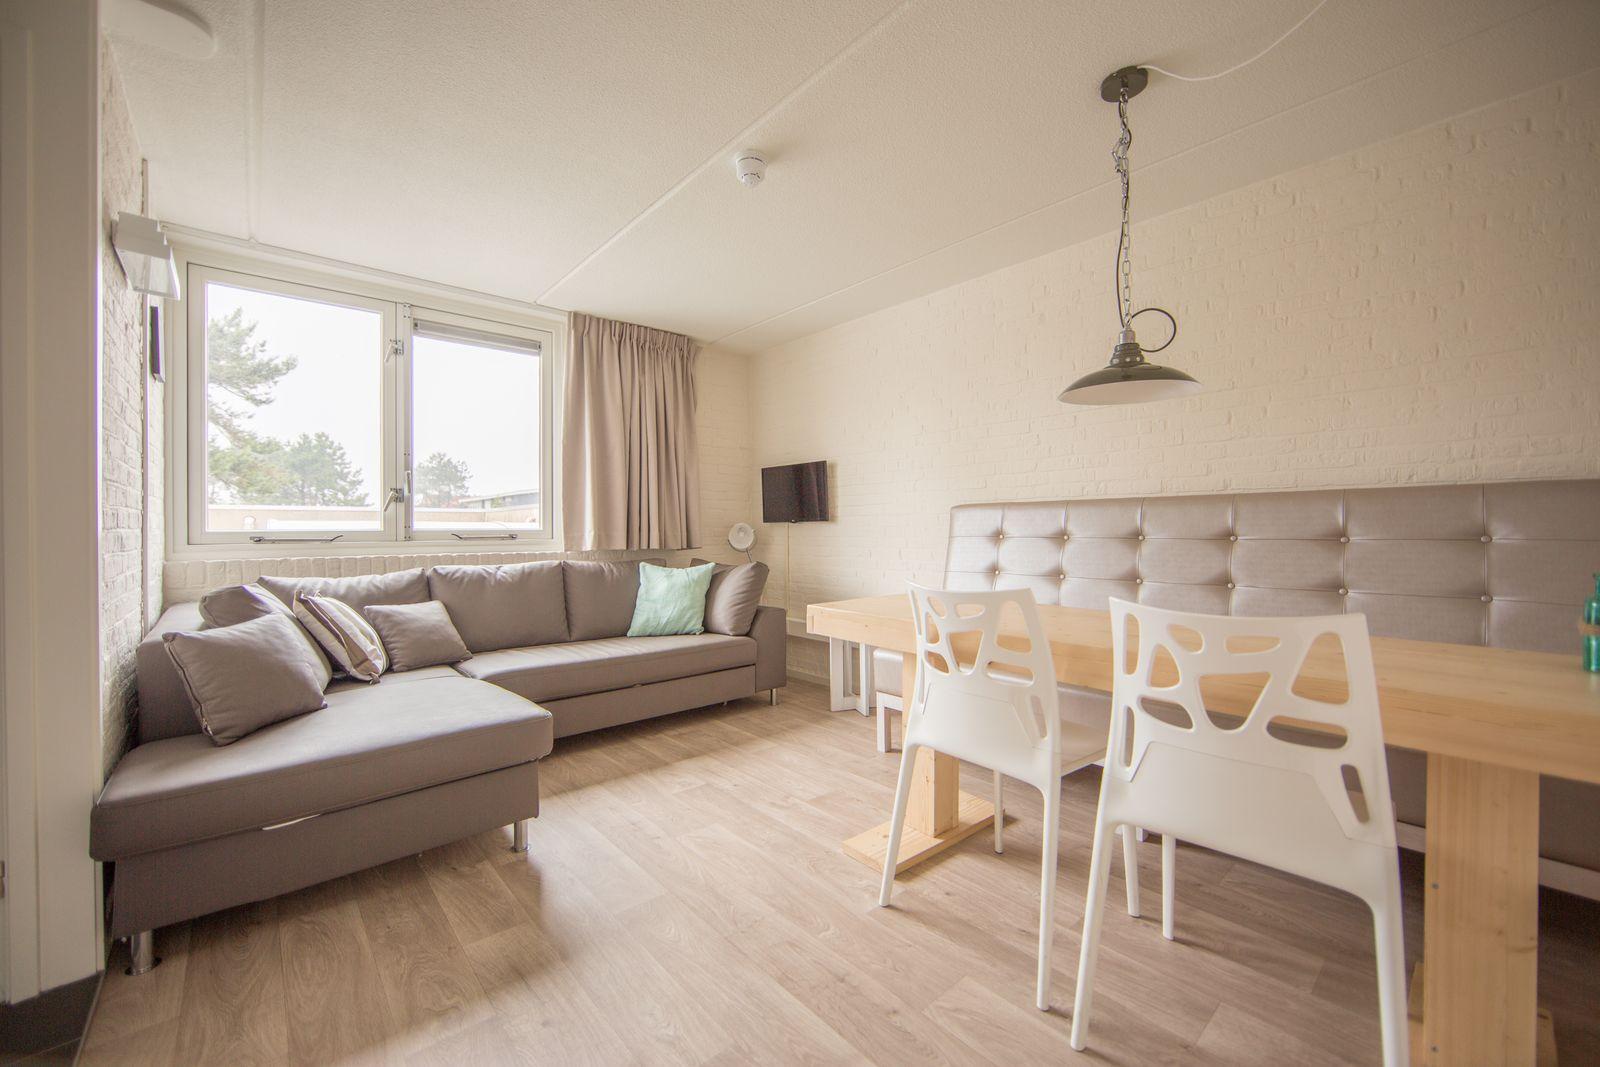 Afbeelding van Appartement suite 134